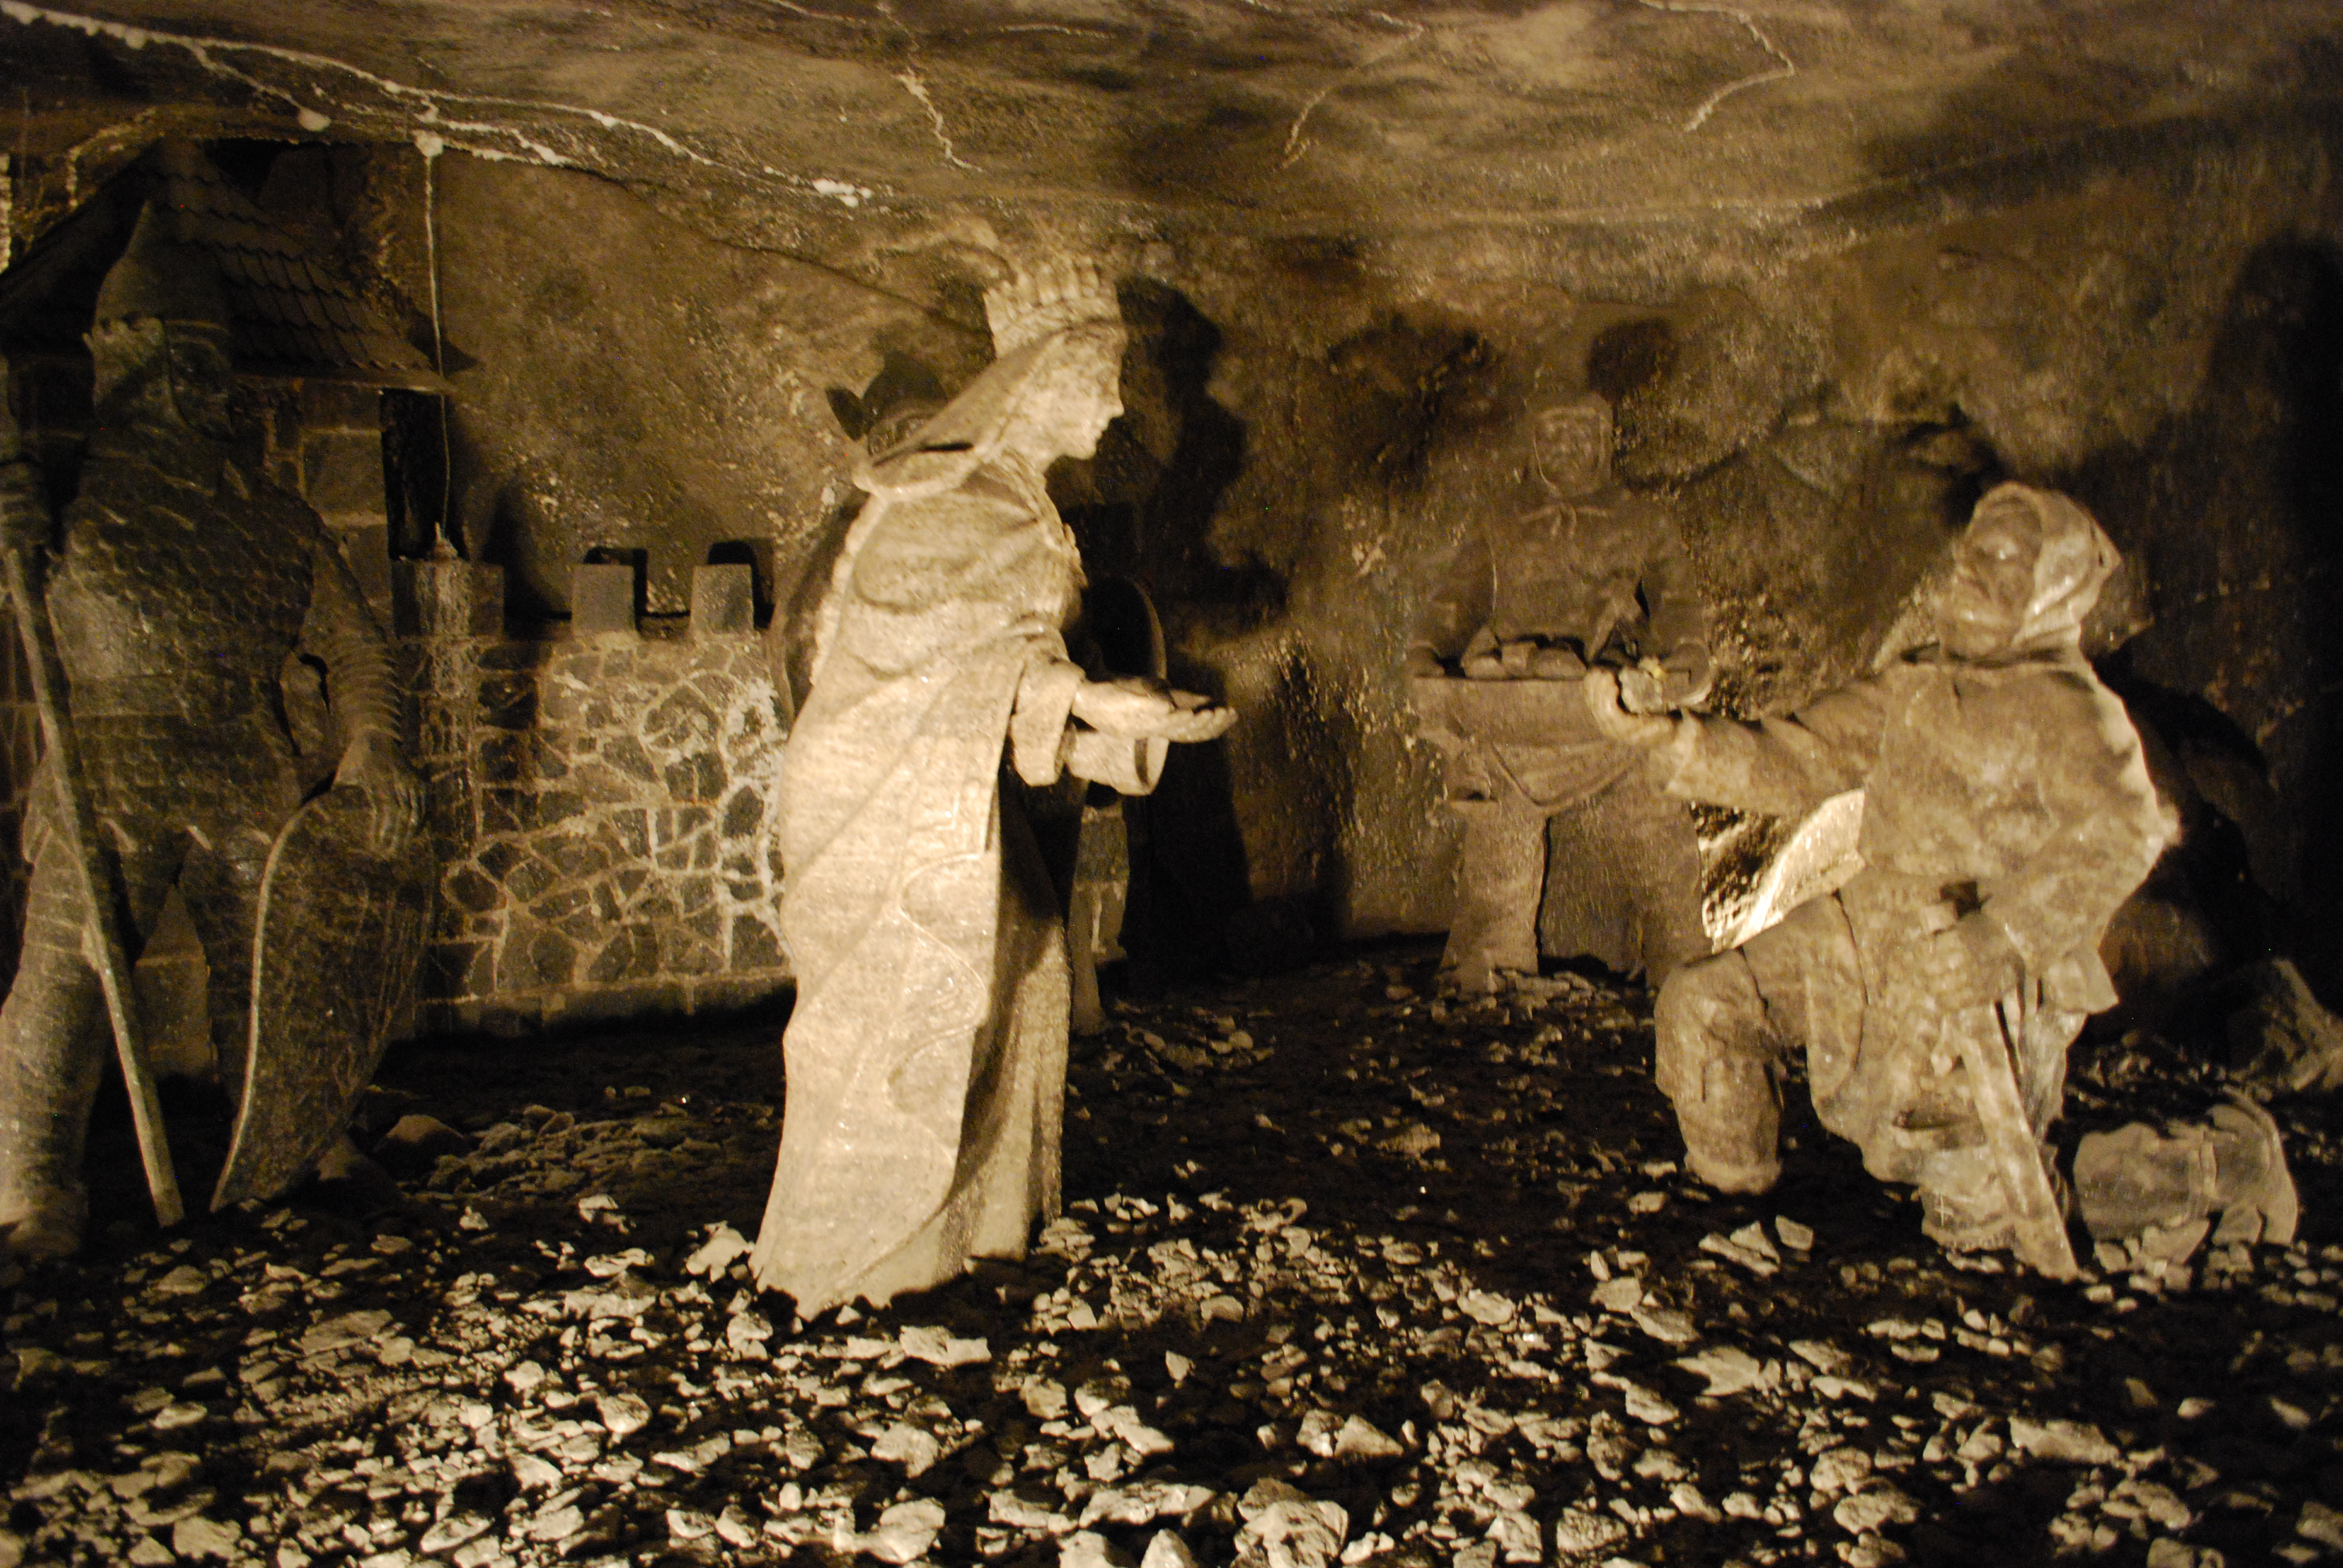 ...és természetesen Szent Kinga is kapott egy szép szobrot a bányákban.